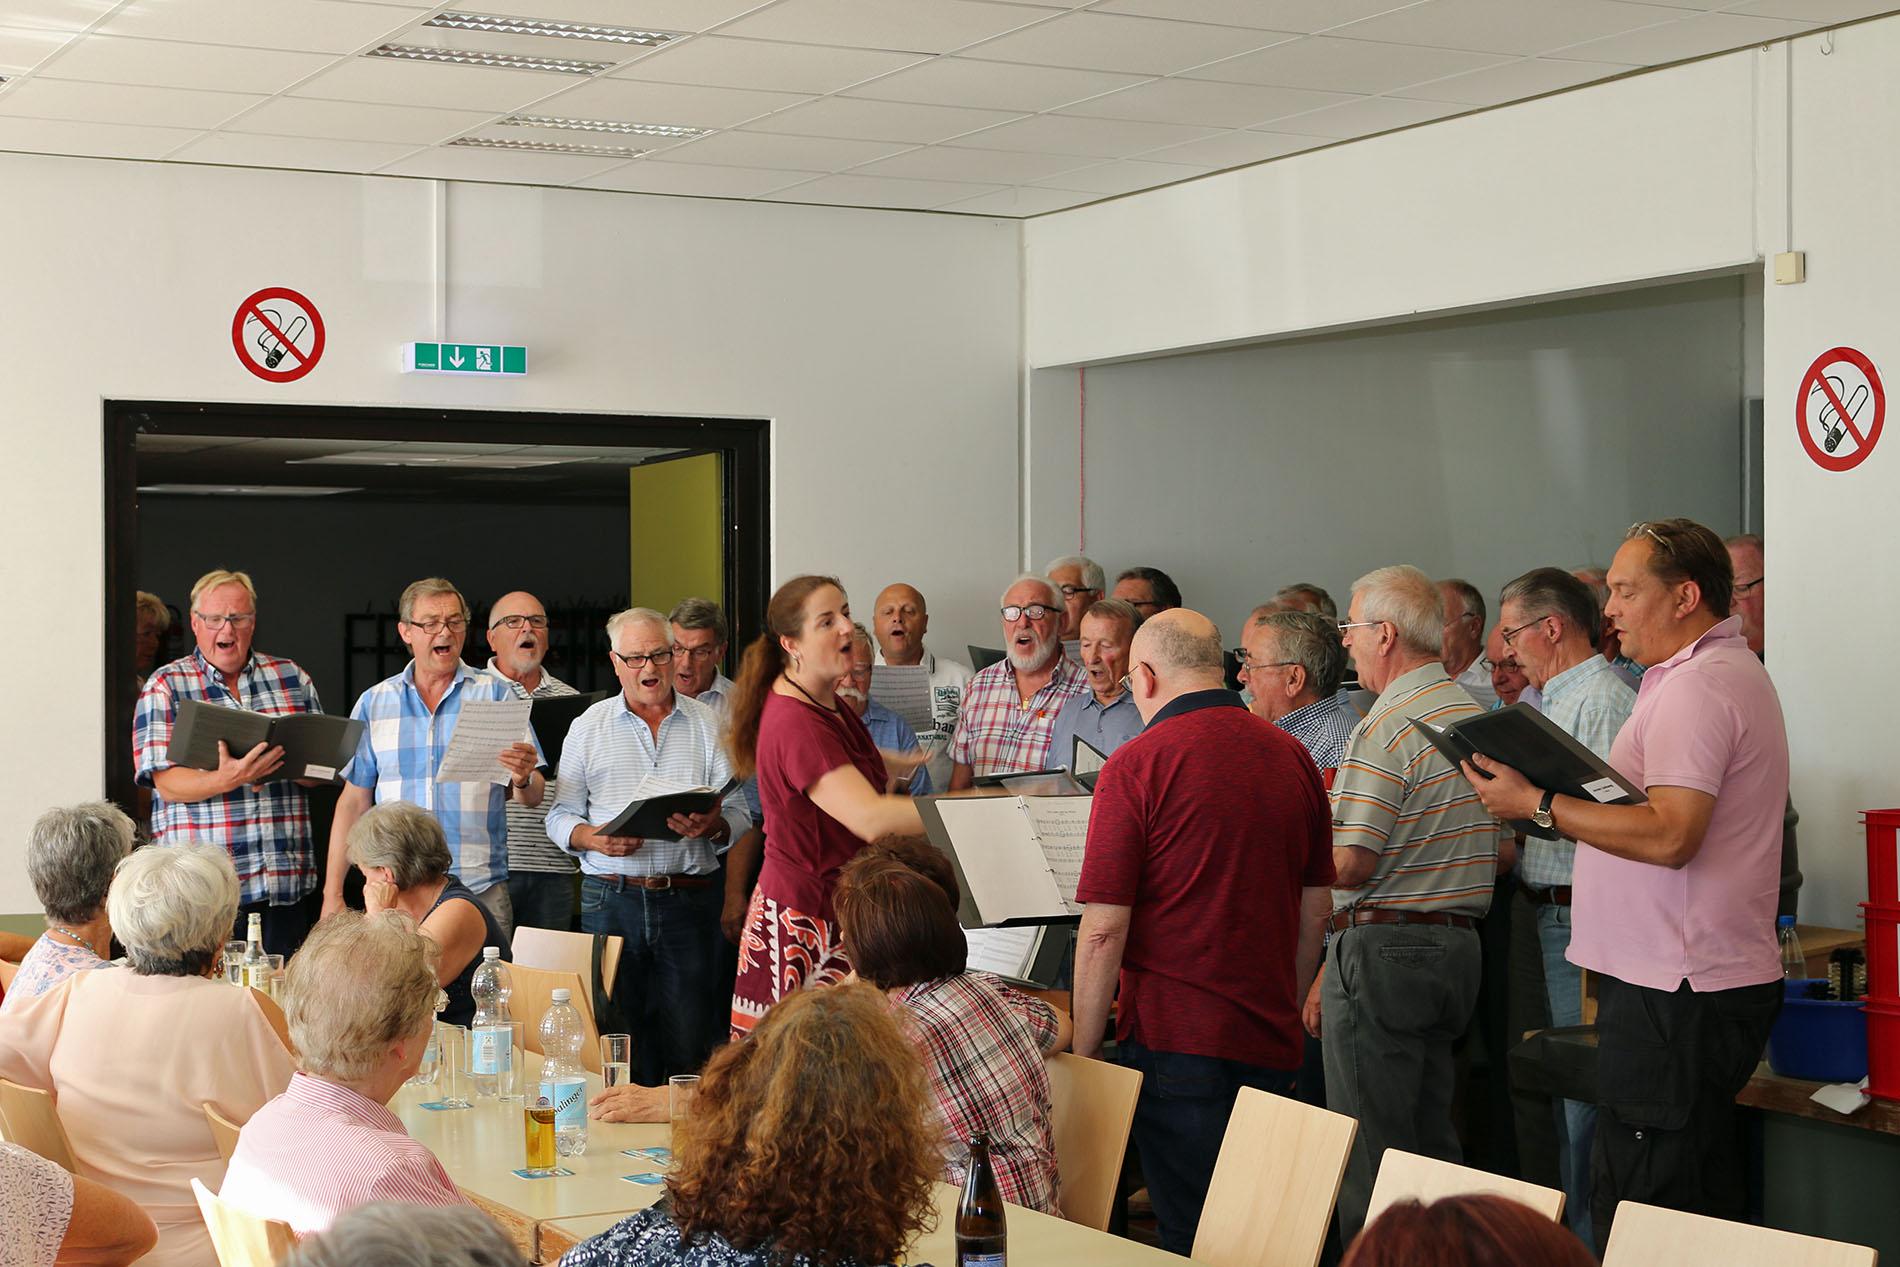 Spontan präsentierten die Sänger unter dem Dirigat von Chorleiterin Daniela Bosenius exklusiv ein erst am Vormittag erlentes Lied. (Fotos: Bastian & Willi Schlößer)